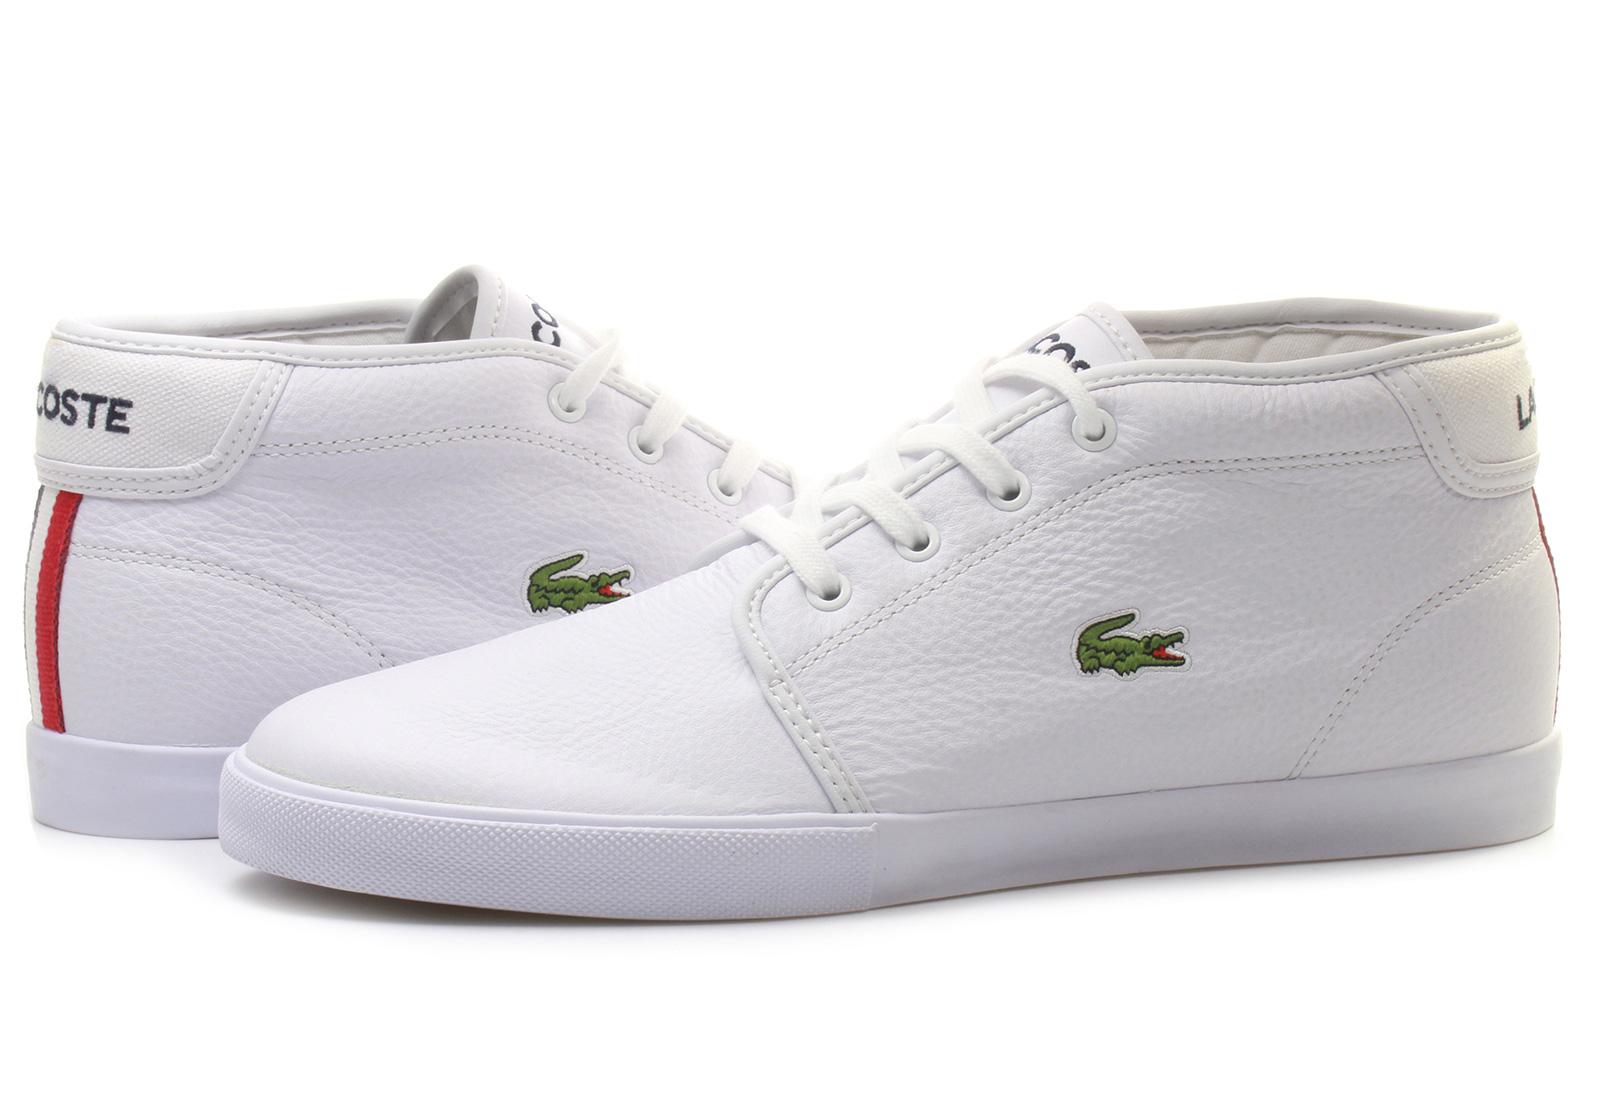 Lacoste Shoes Ampthill 141spm1004 21g Online Shop